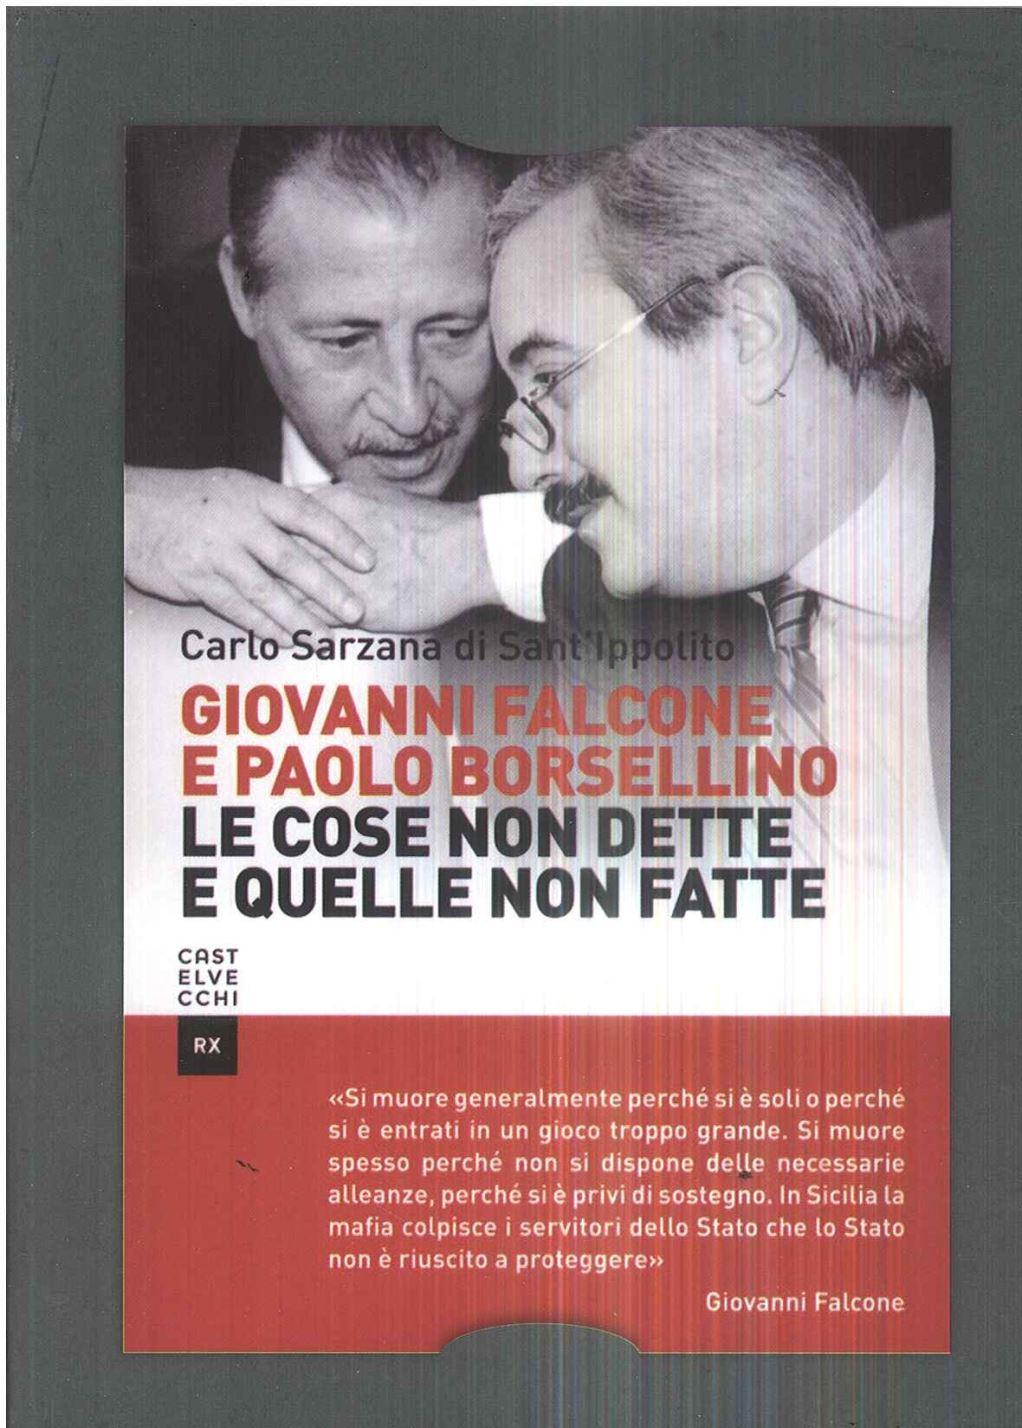 Mario Falcone dating storia sito di incontri maggior parte dei matrimoni